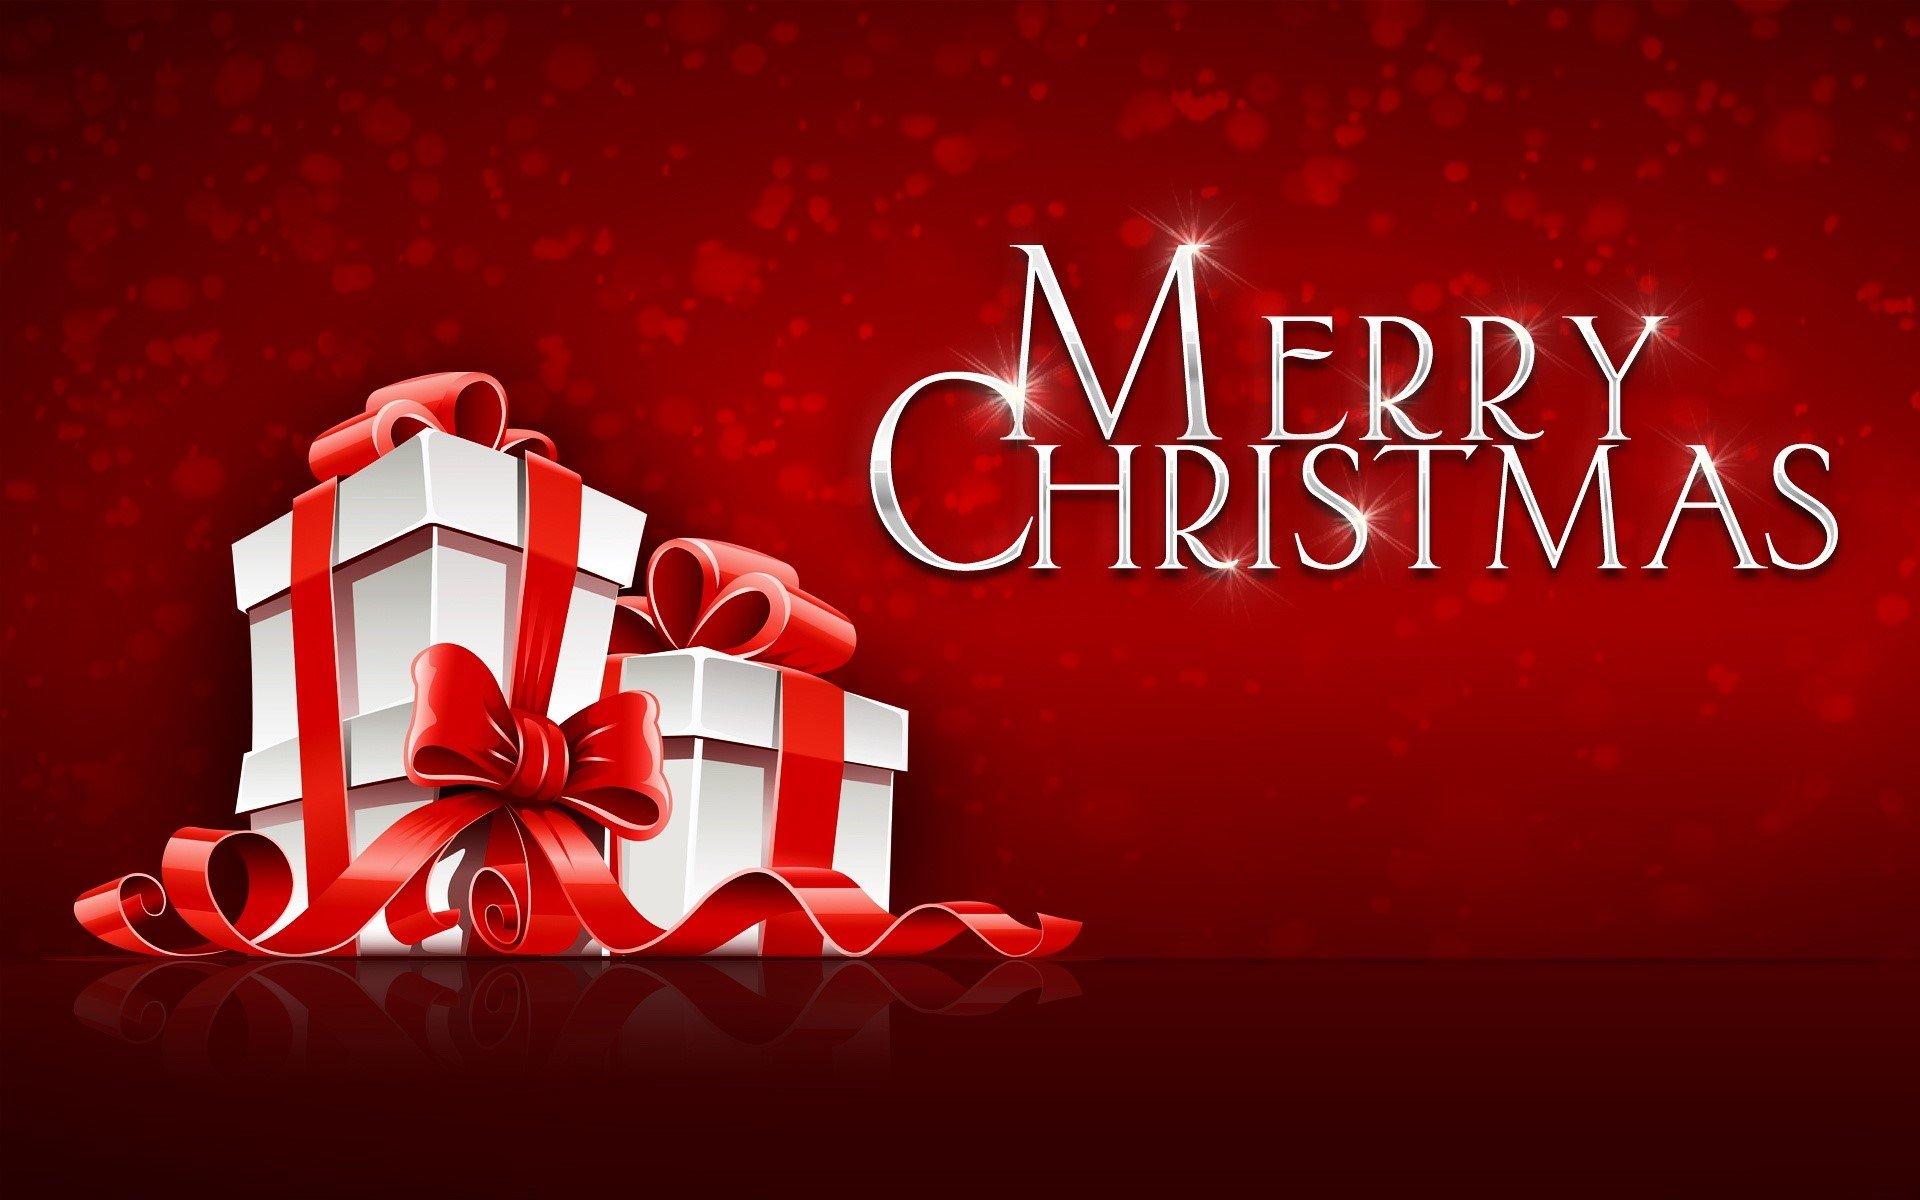 Fondo de pantalla de Feliz navidad 2014 Imágenes